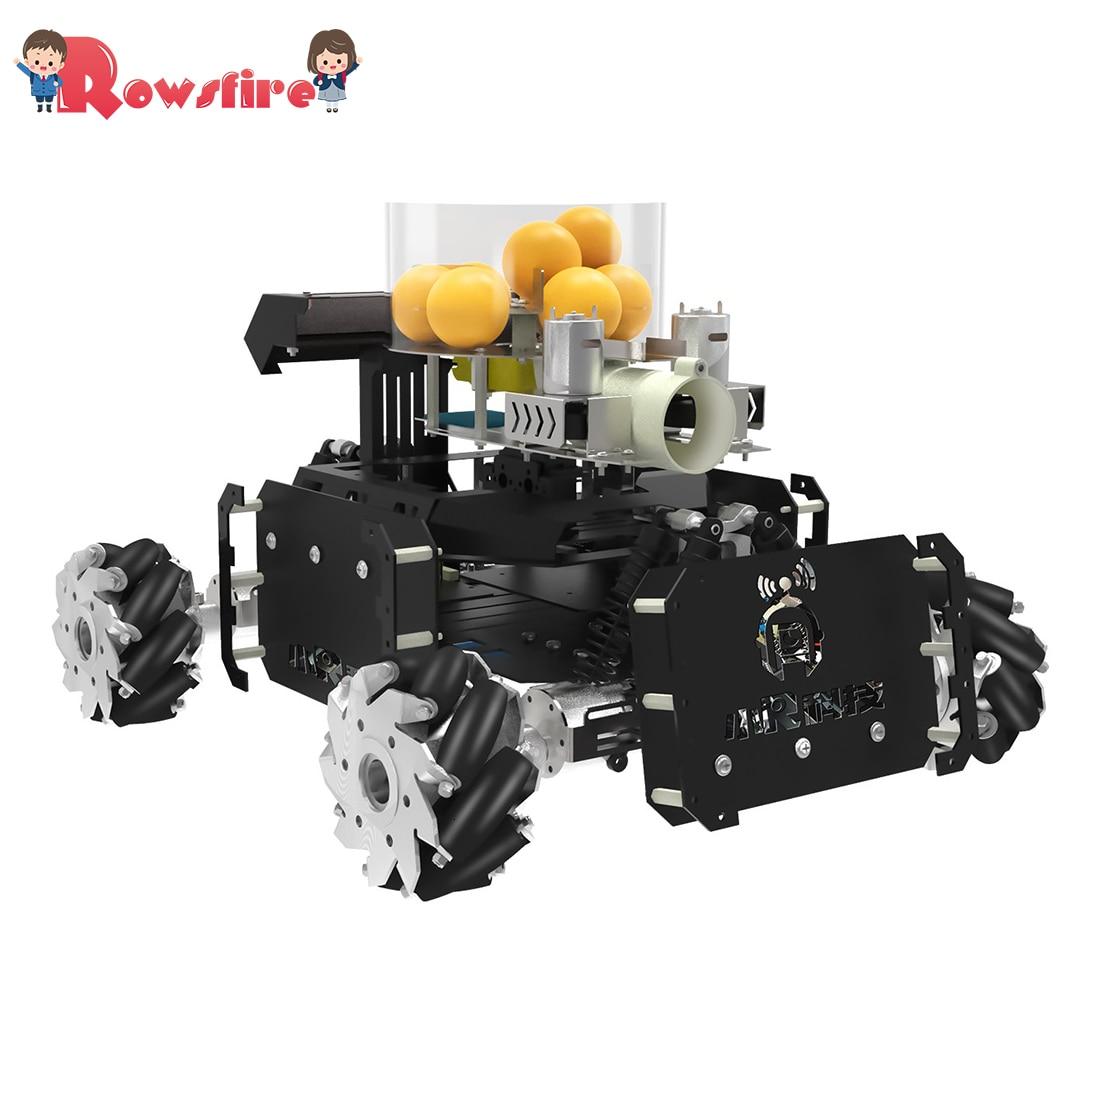 DIY Steam Omni Wheel Turret Chariot VR Video Control XR Master Robot For STM32 - Black